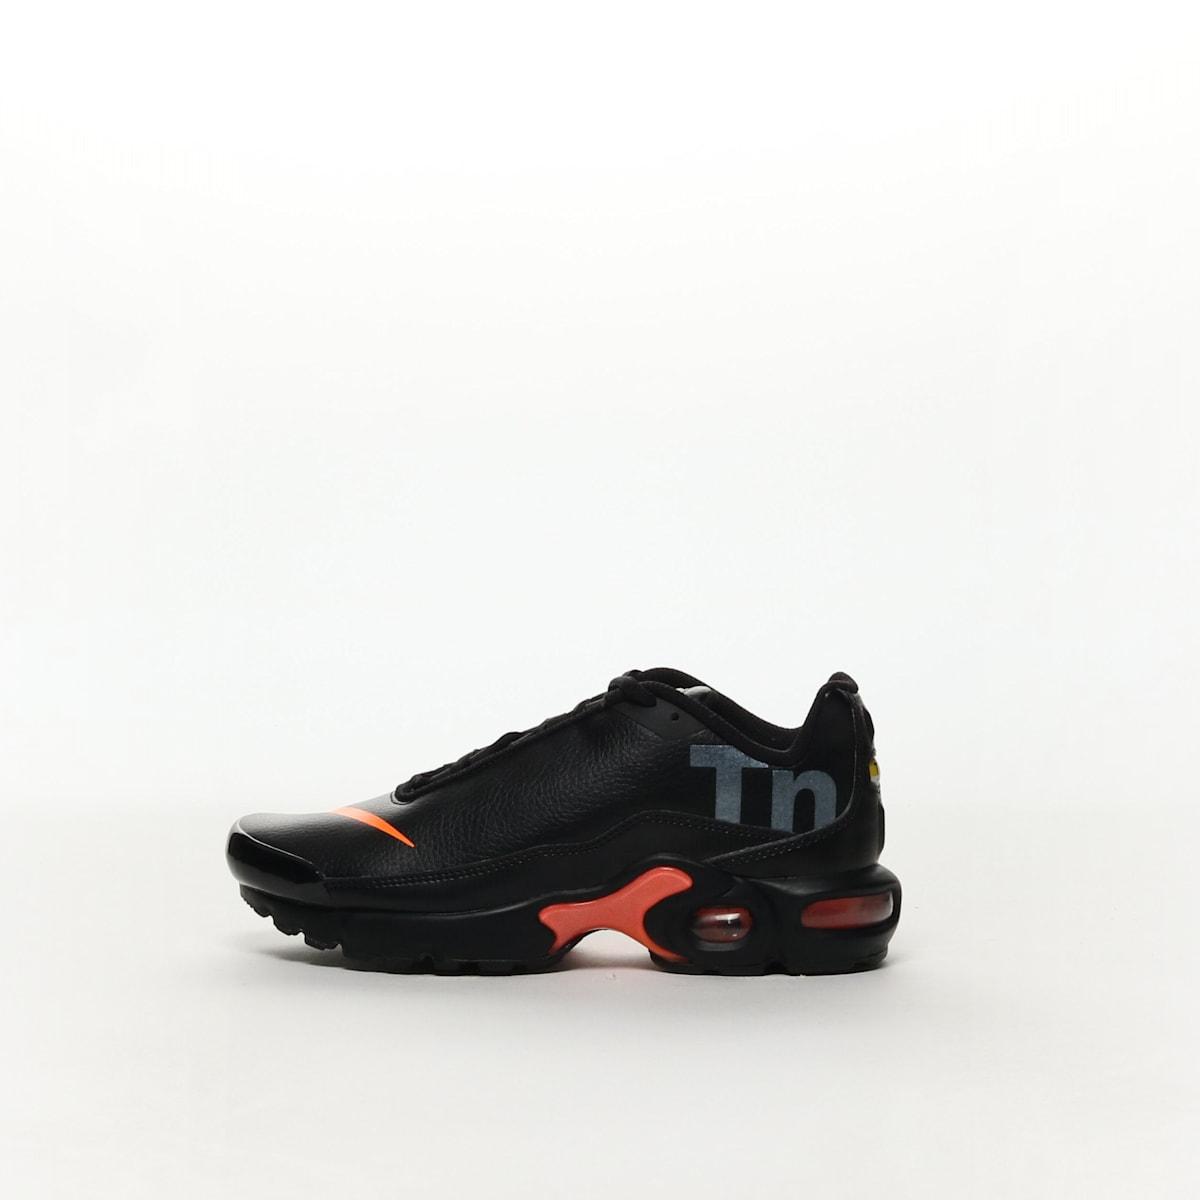 cf97d8980942c Nike Air Max Plus TN SE Big Kids  Running Shoe - BLACK TOTAL ORANGE ...